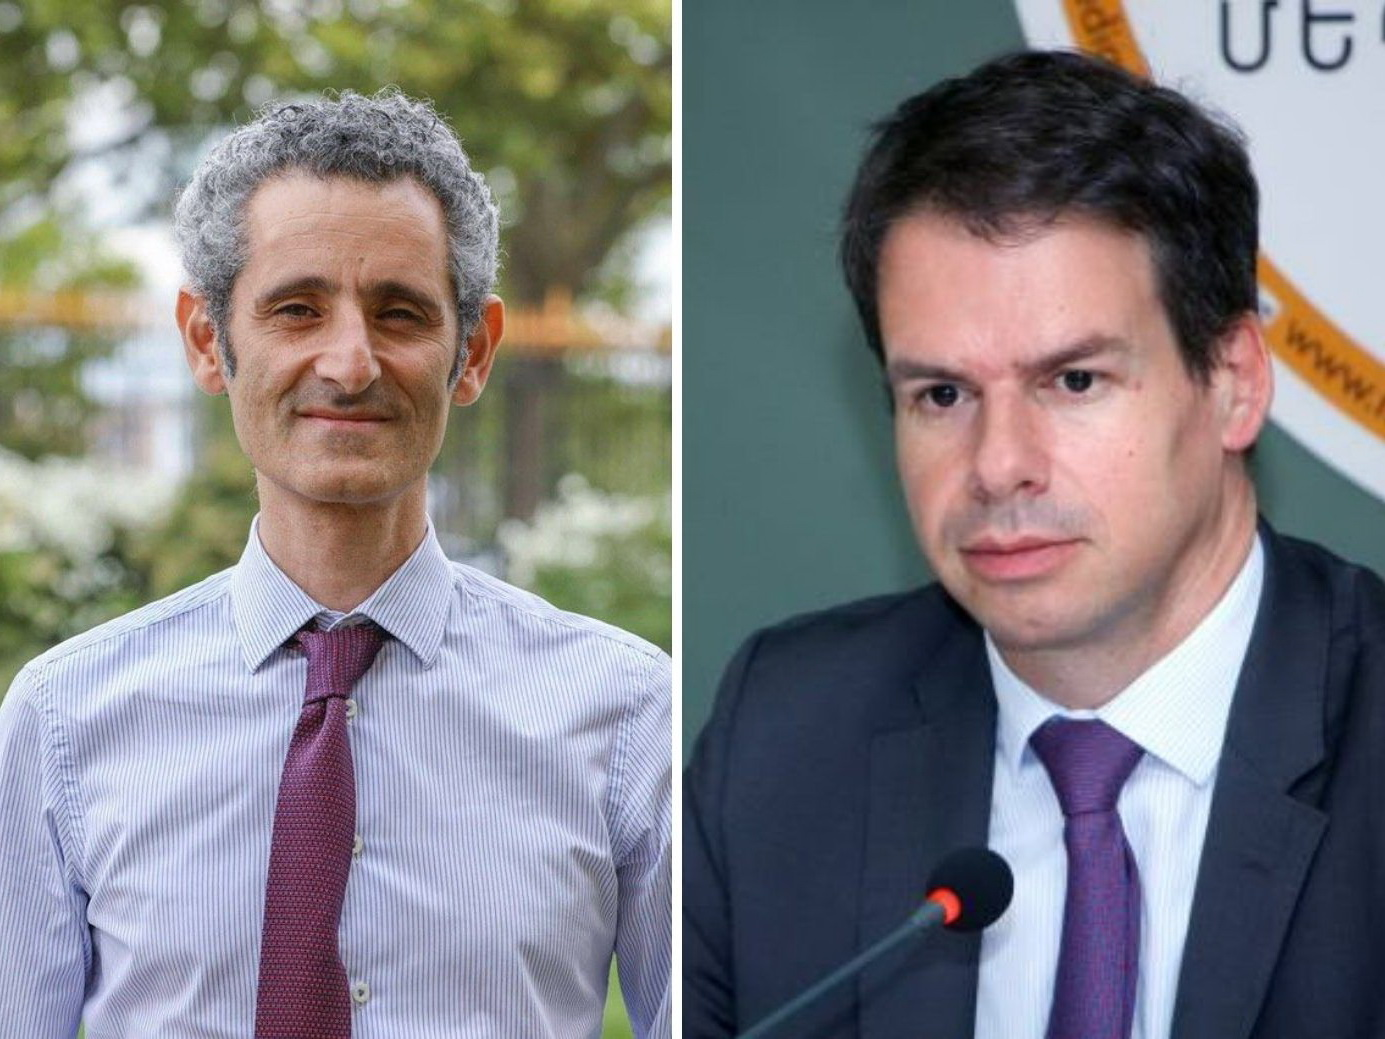 Еще раз о двуличности: послы Франции в Баку и Ереване противоречат друг другу